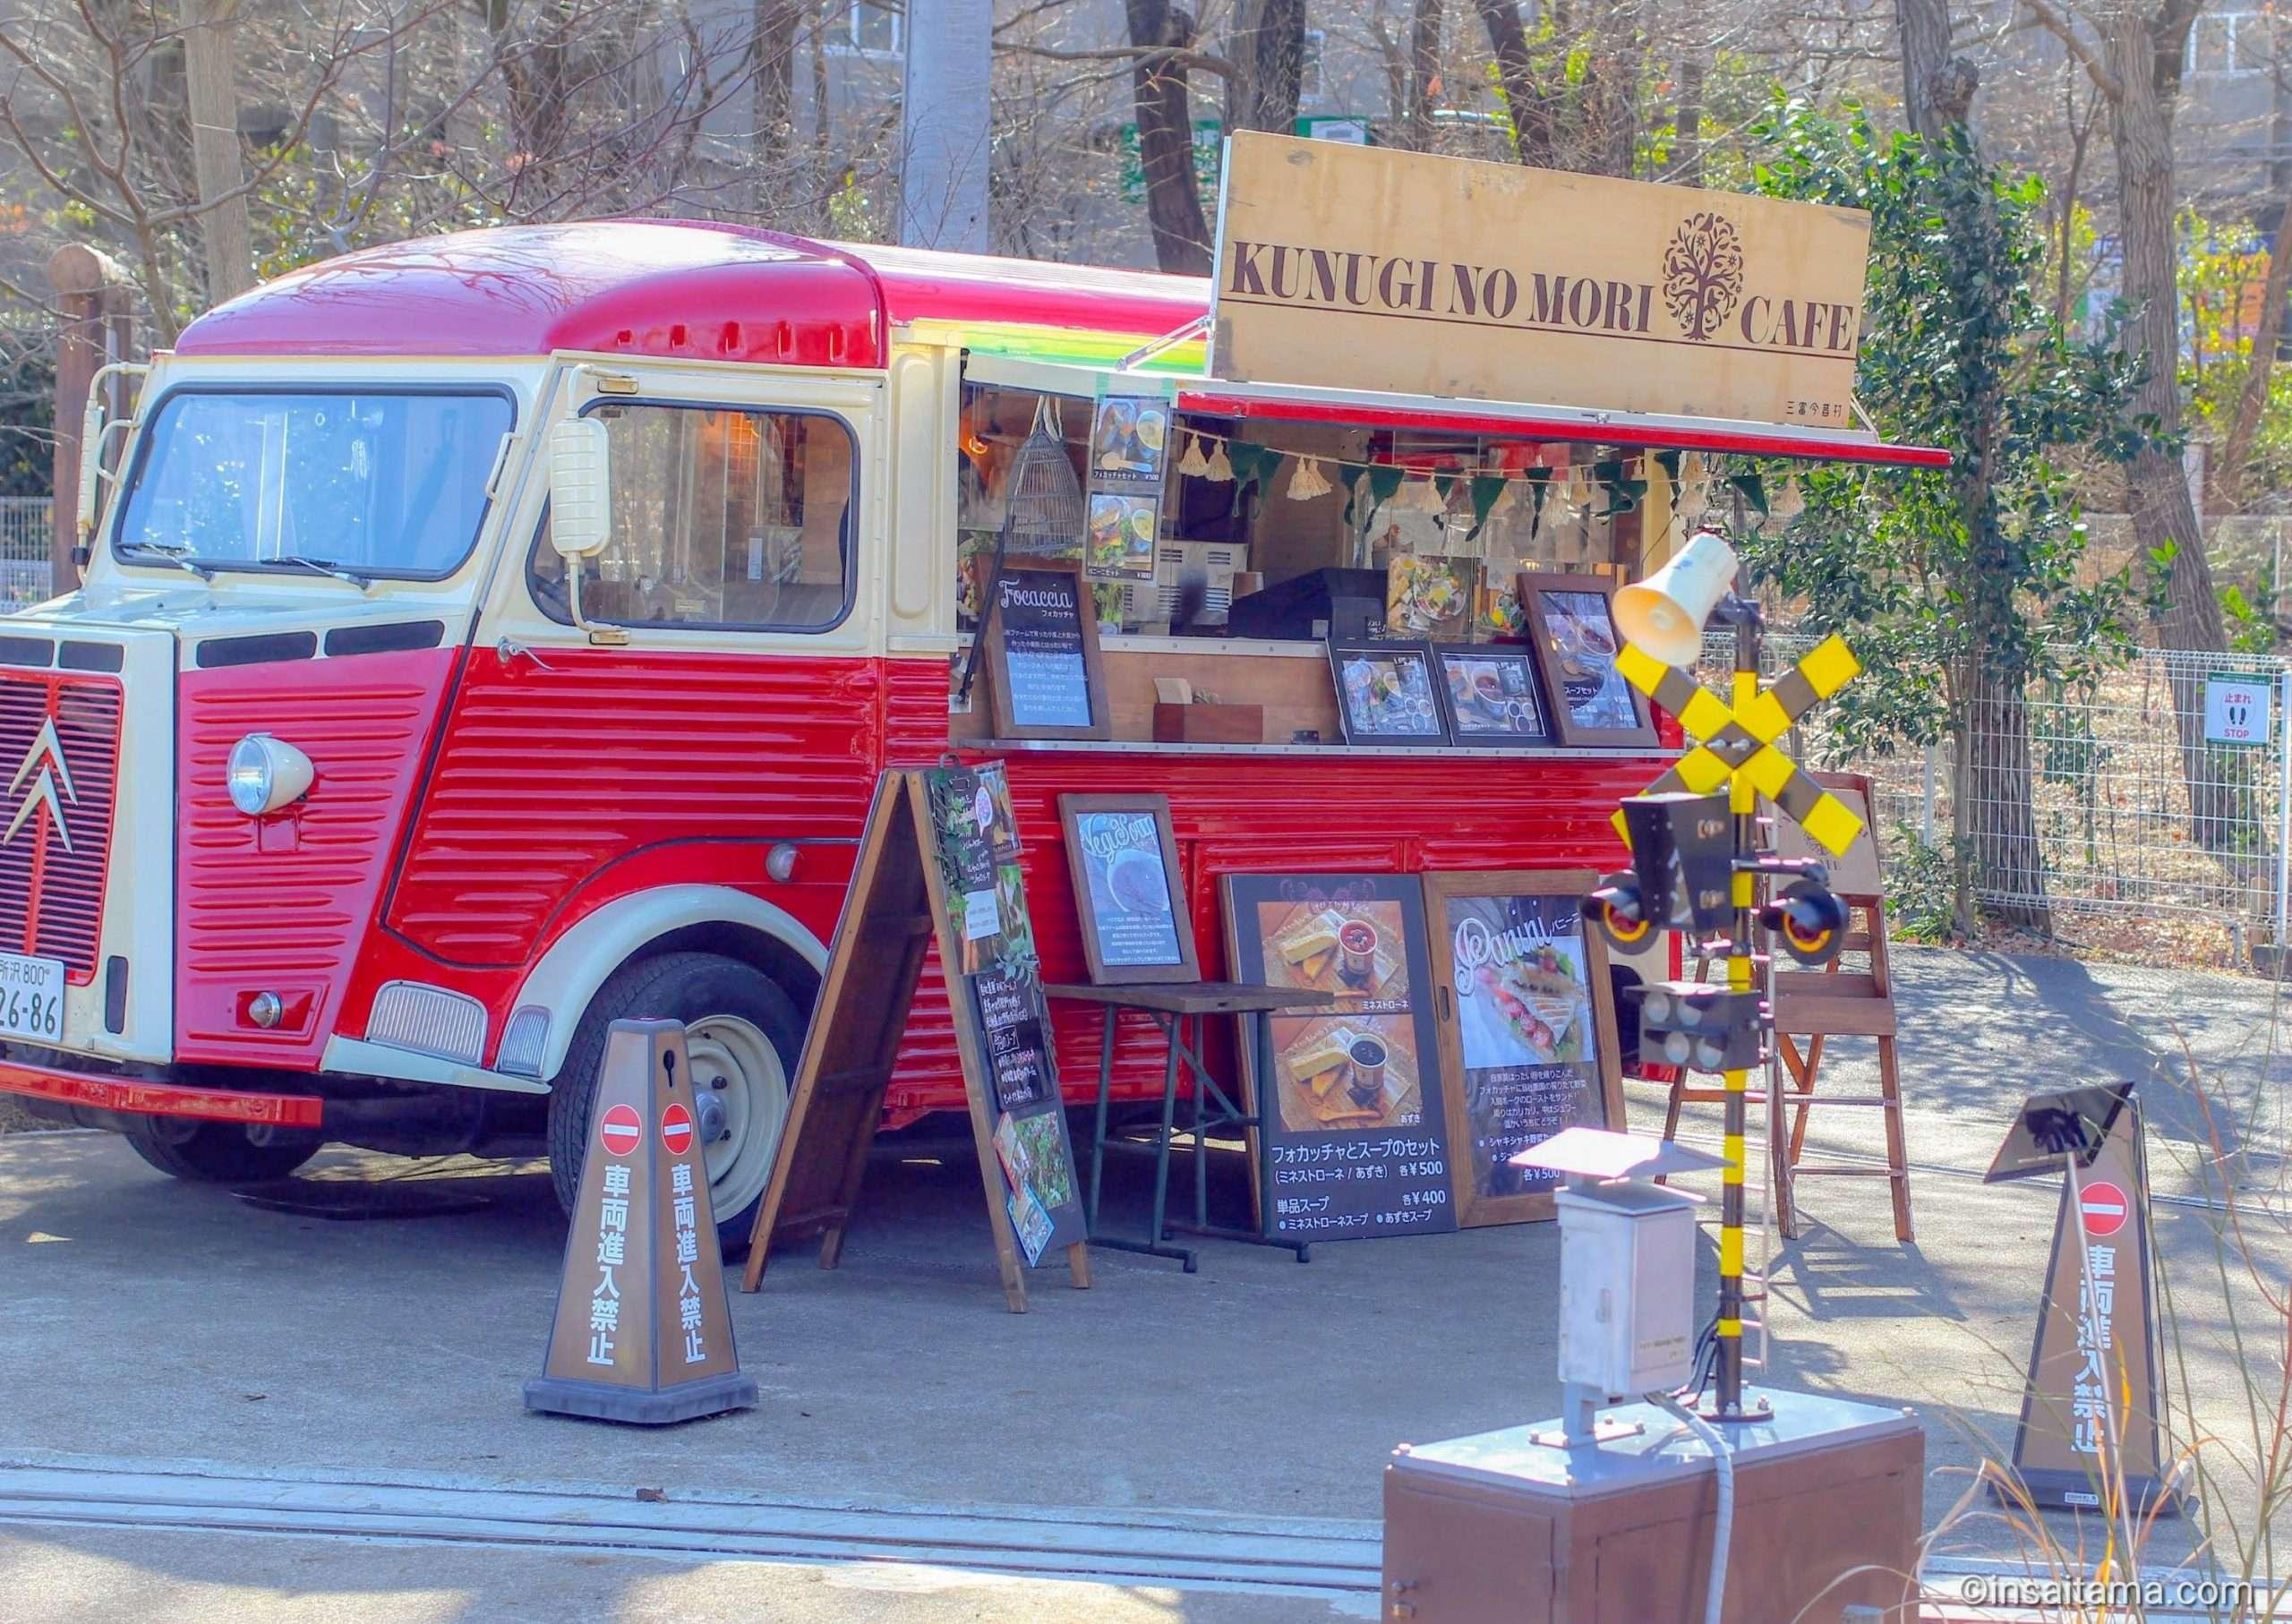 Kunugi no mori kitchen car